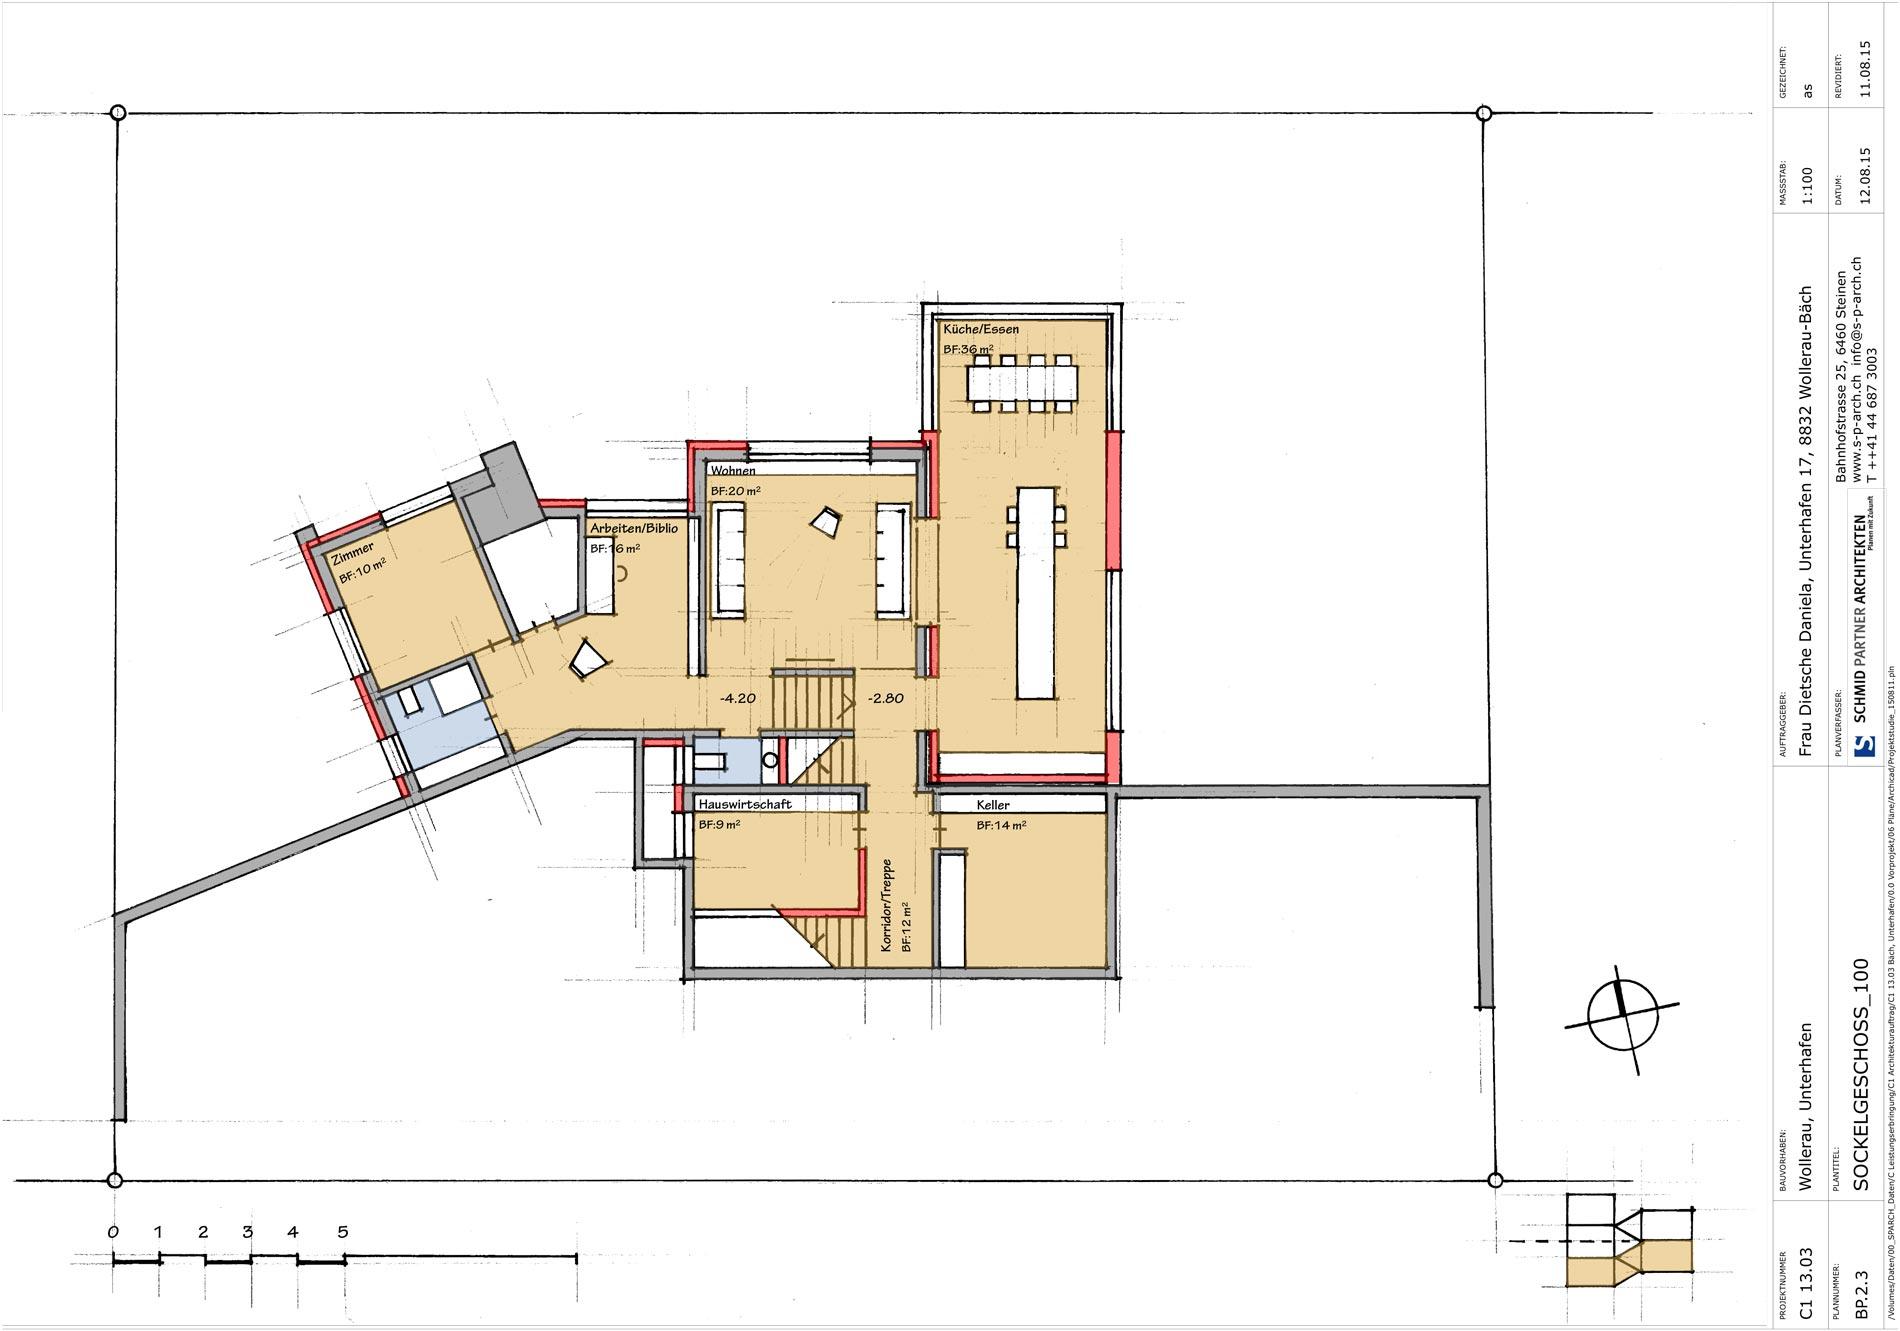 Schmid Partner Architekten Umbau C11505 BP.2.3 SOCKELGESCHOSS 100